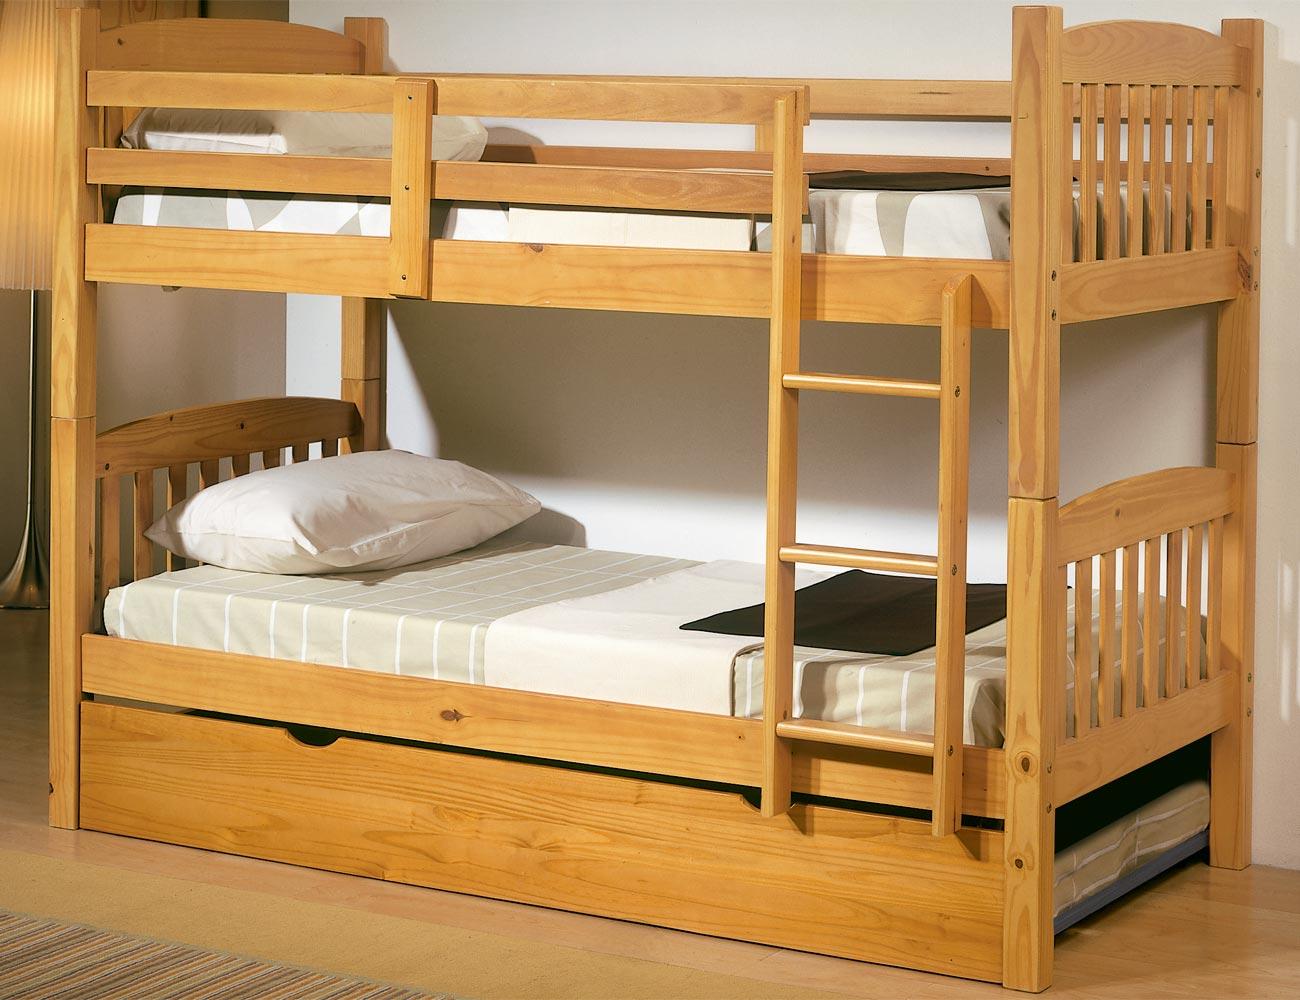 Dormitorio juvenil con armario 2 puertas en color miel 8074 factory del mueble utrera - Factory del mueble utrera ...